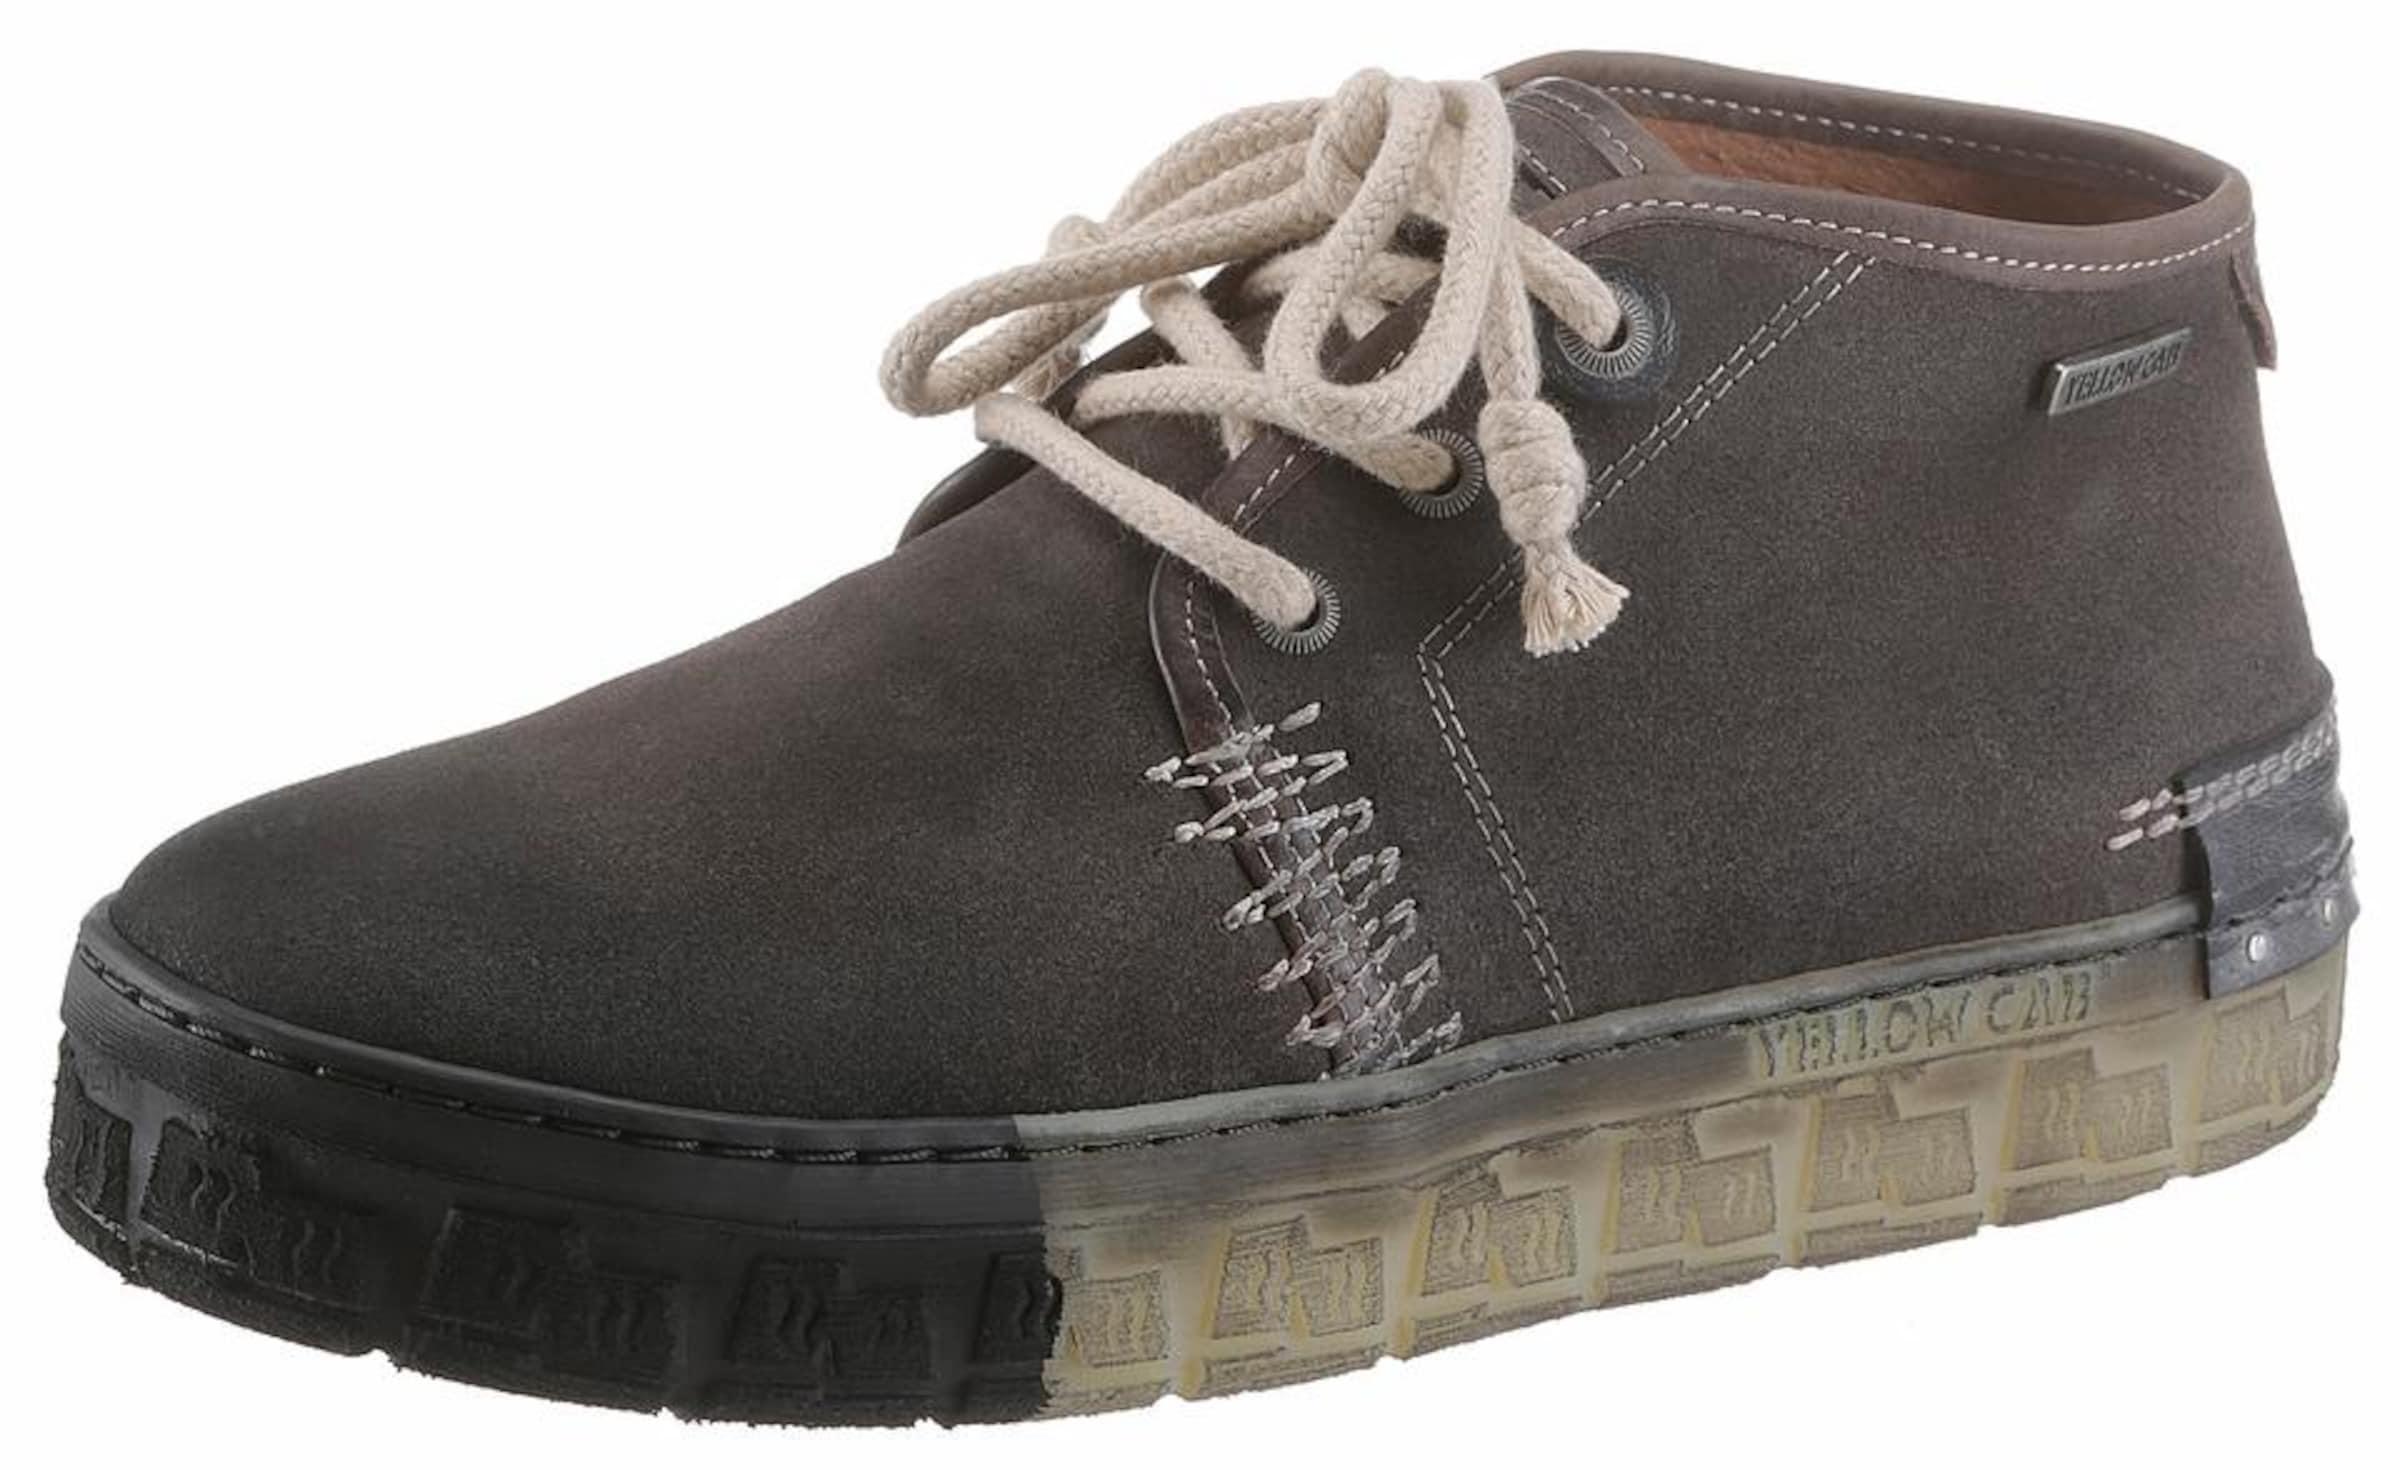 YELLOW CAB CAB-Schnürb Verschleißfeste billige Schuhe